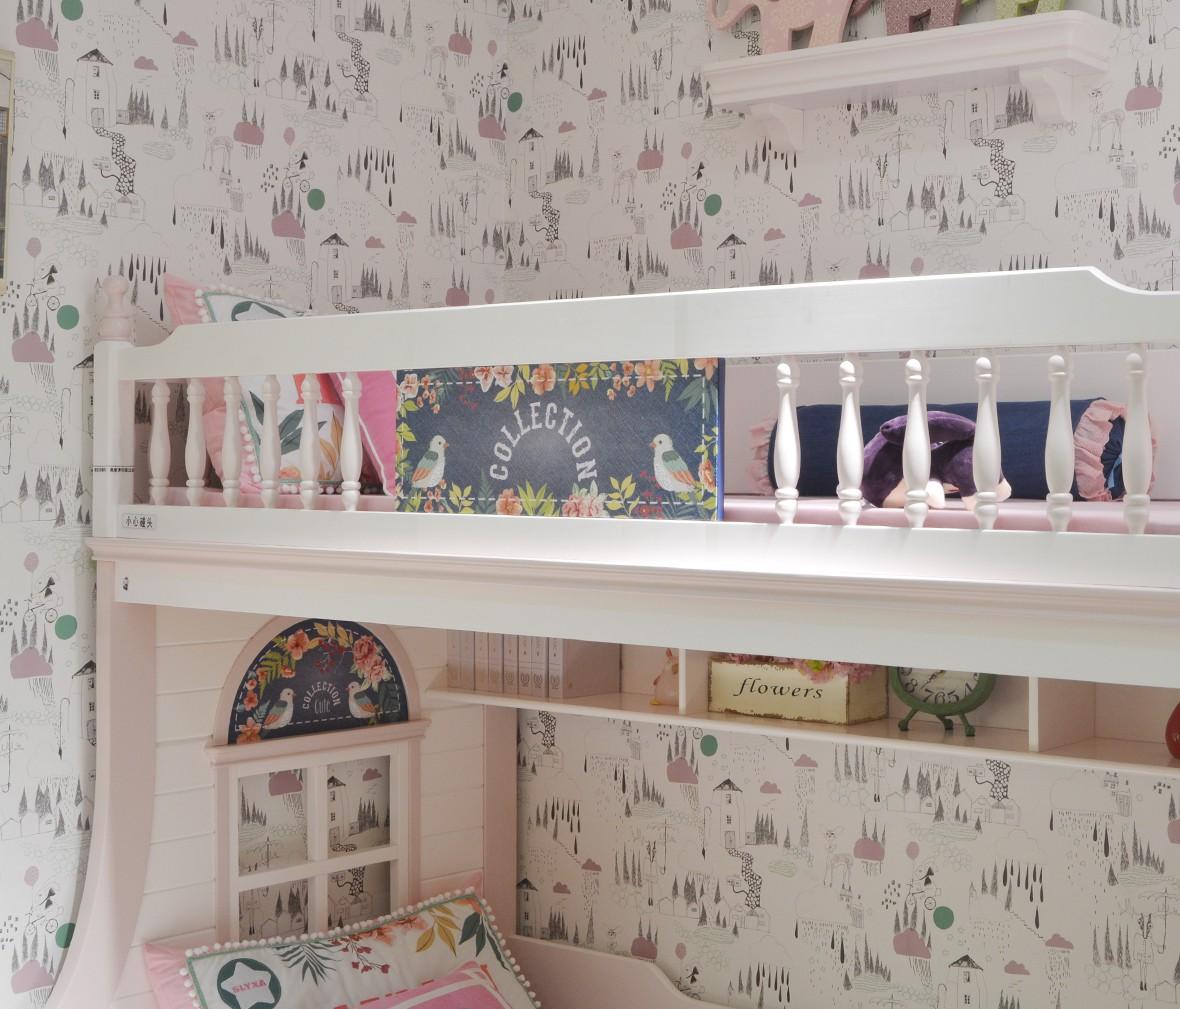 美墅馆儿童家具 VHA019-0912型号星星索 美墅馆 进口美洲松材质 商品细节